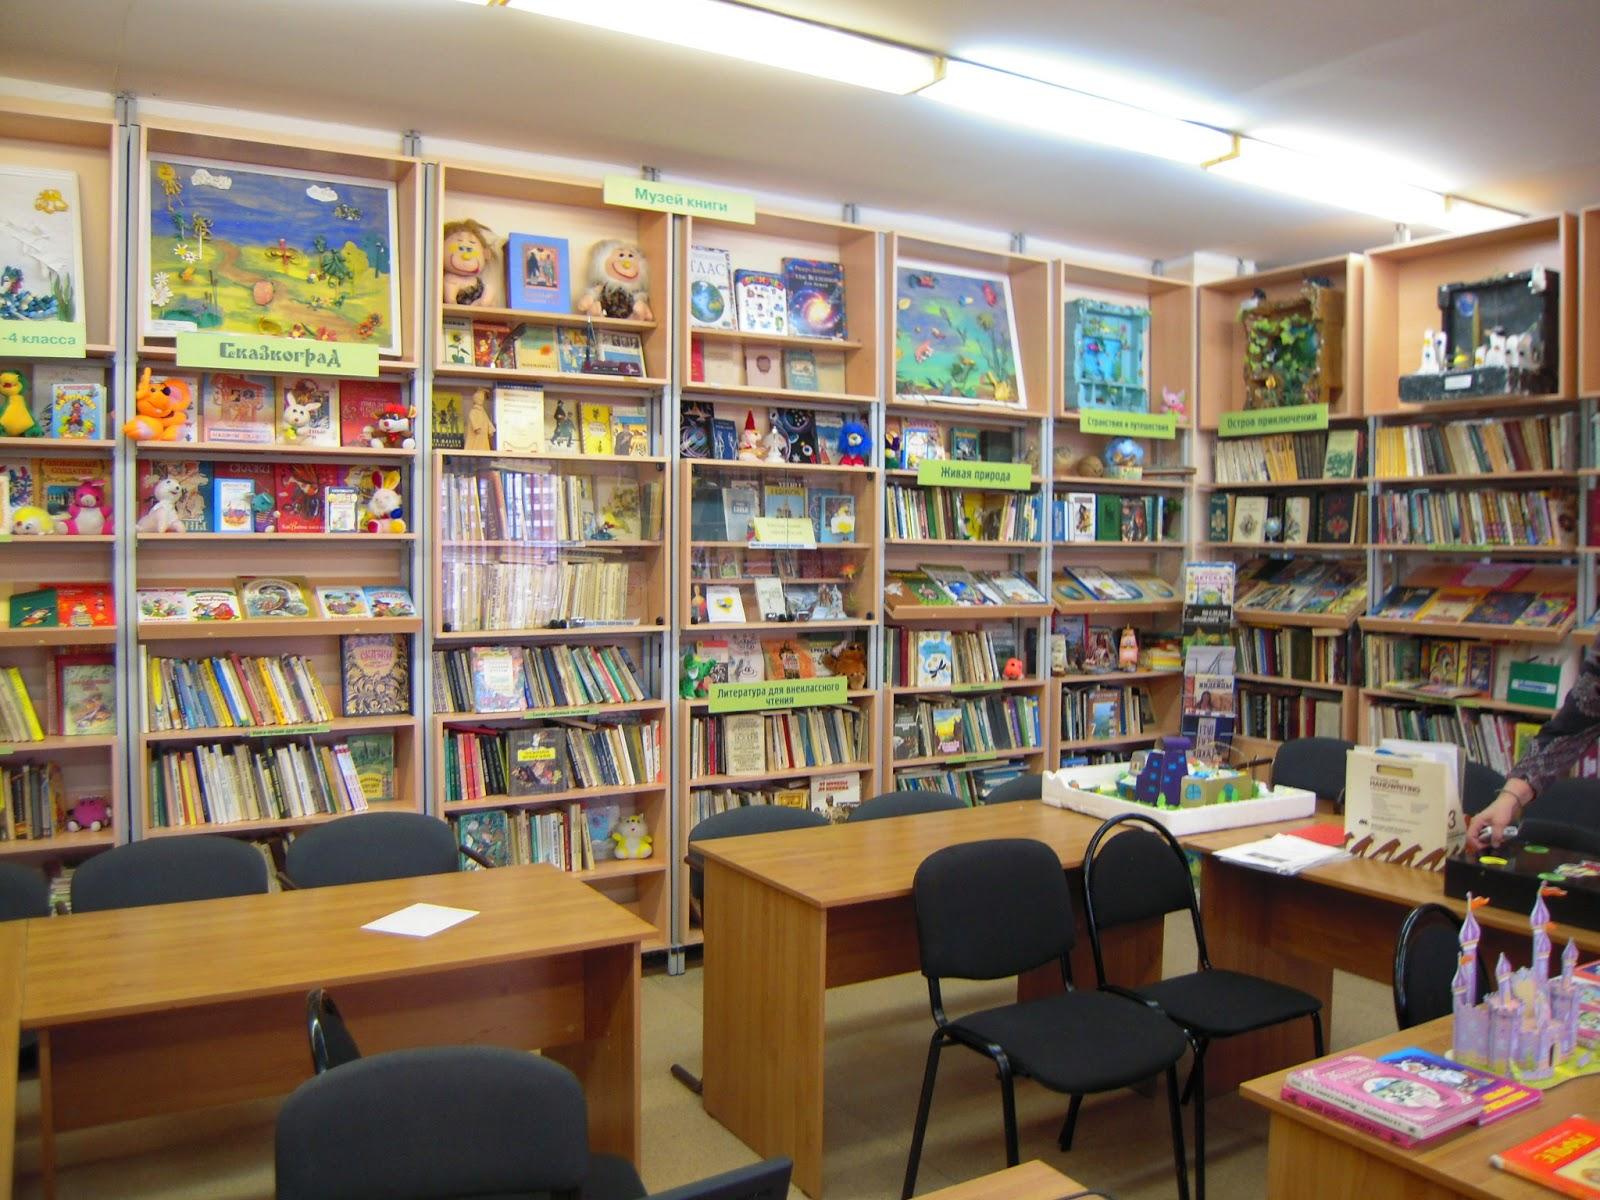 Фото библиотеки школьной - фото база.